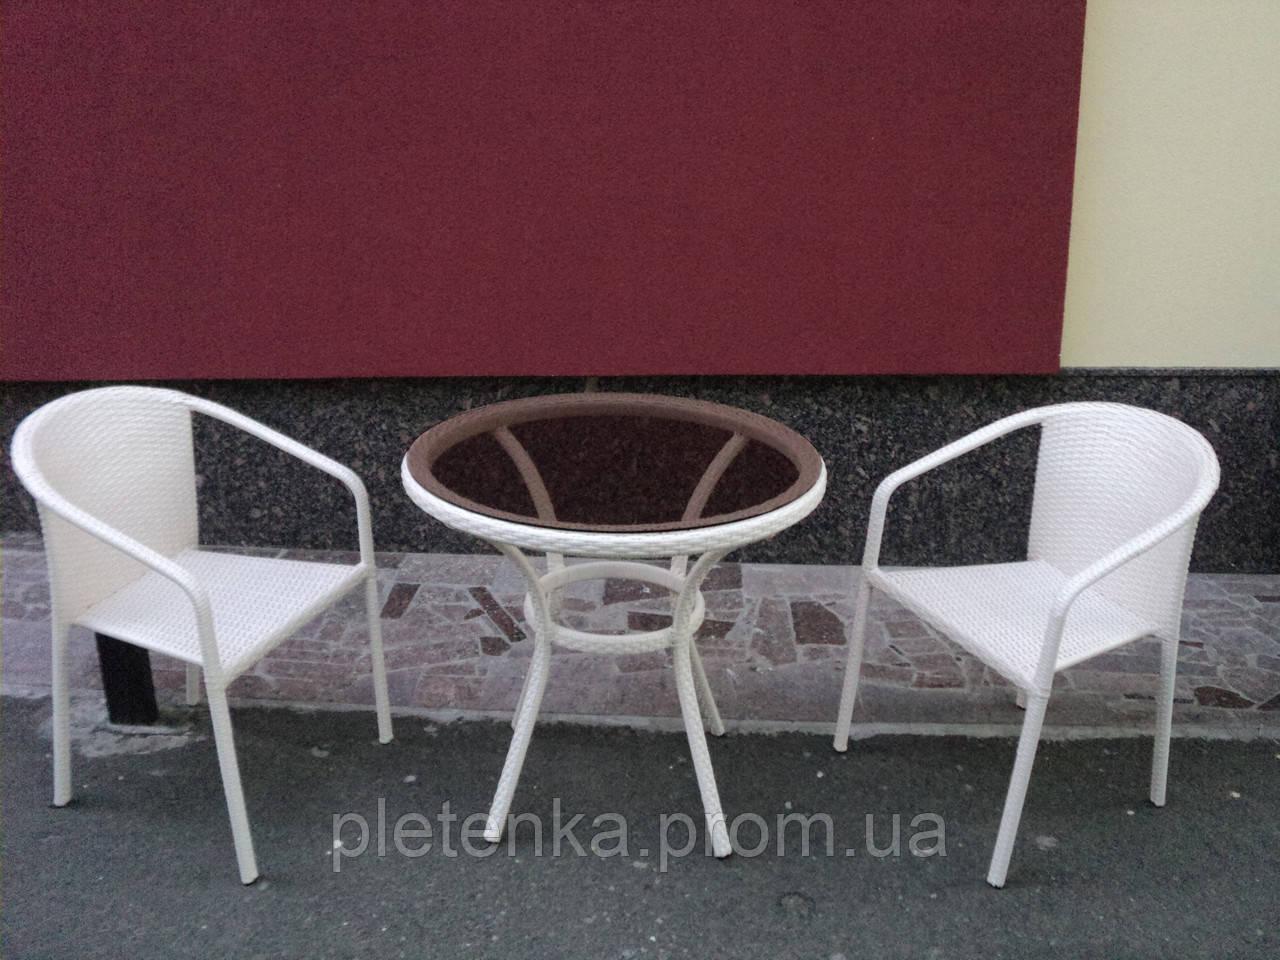 """Комплект 2 кресла+ стол из искусственного ротанга  №4 - """"Плетенка"""" в Полтавской области"""